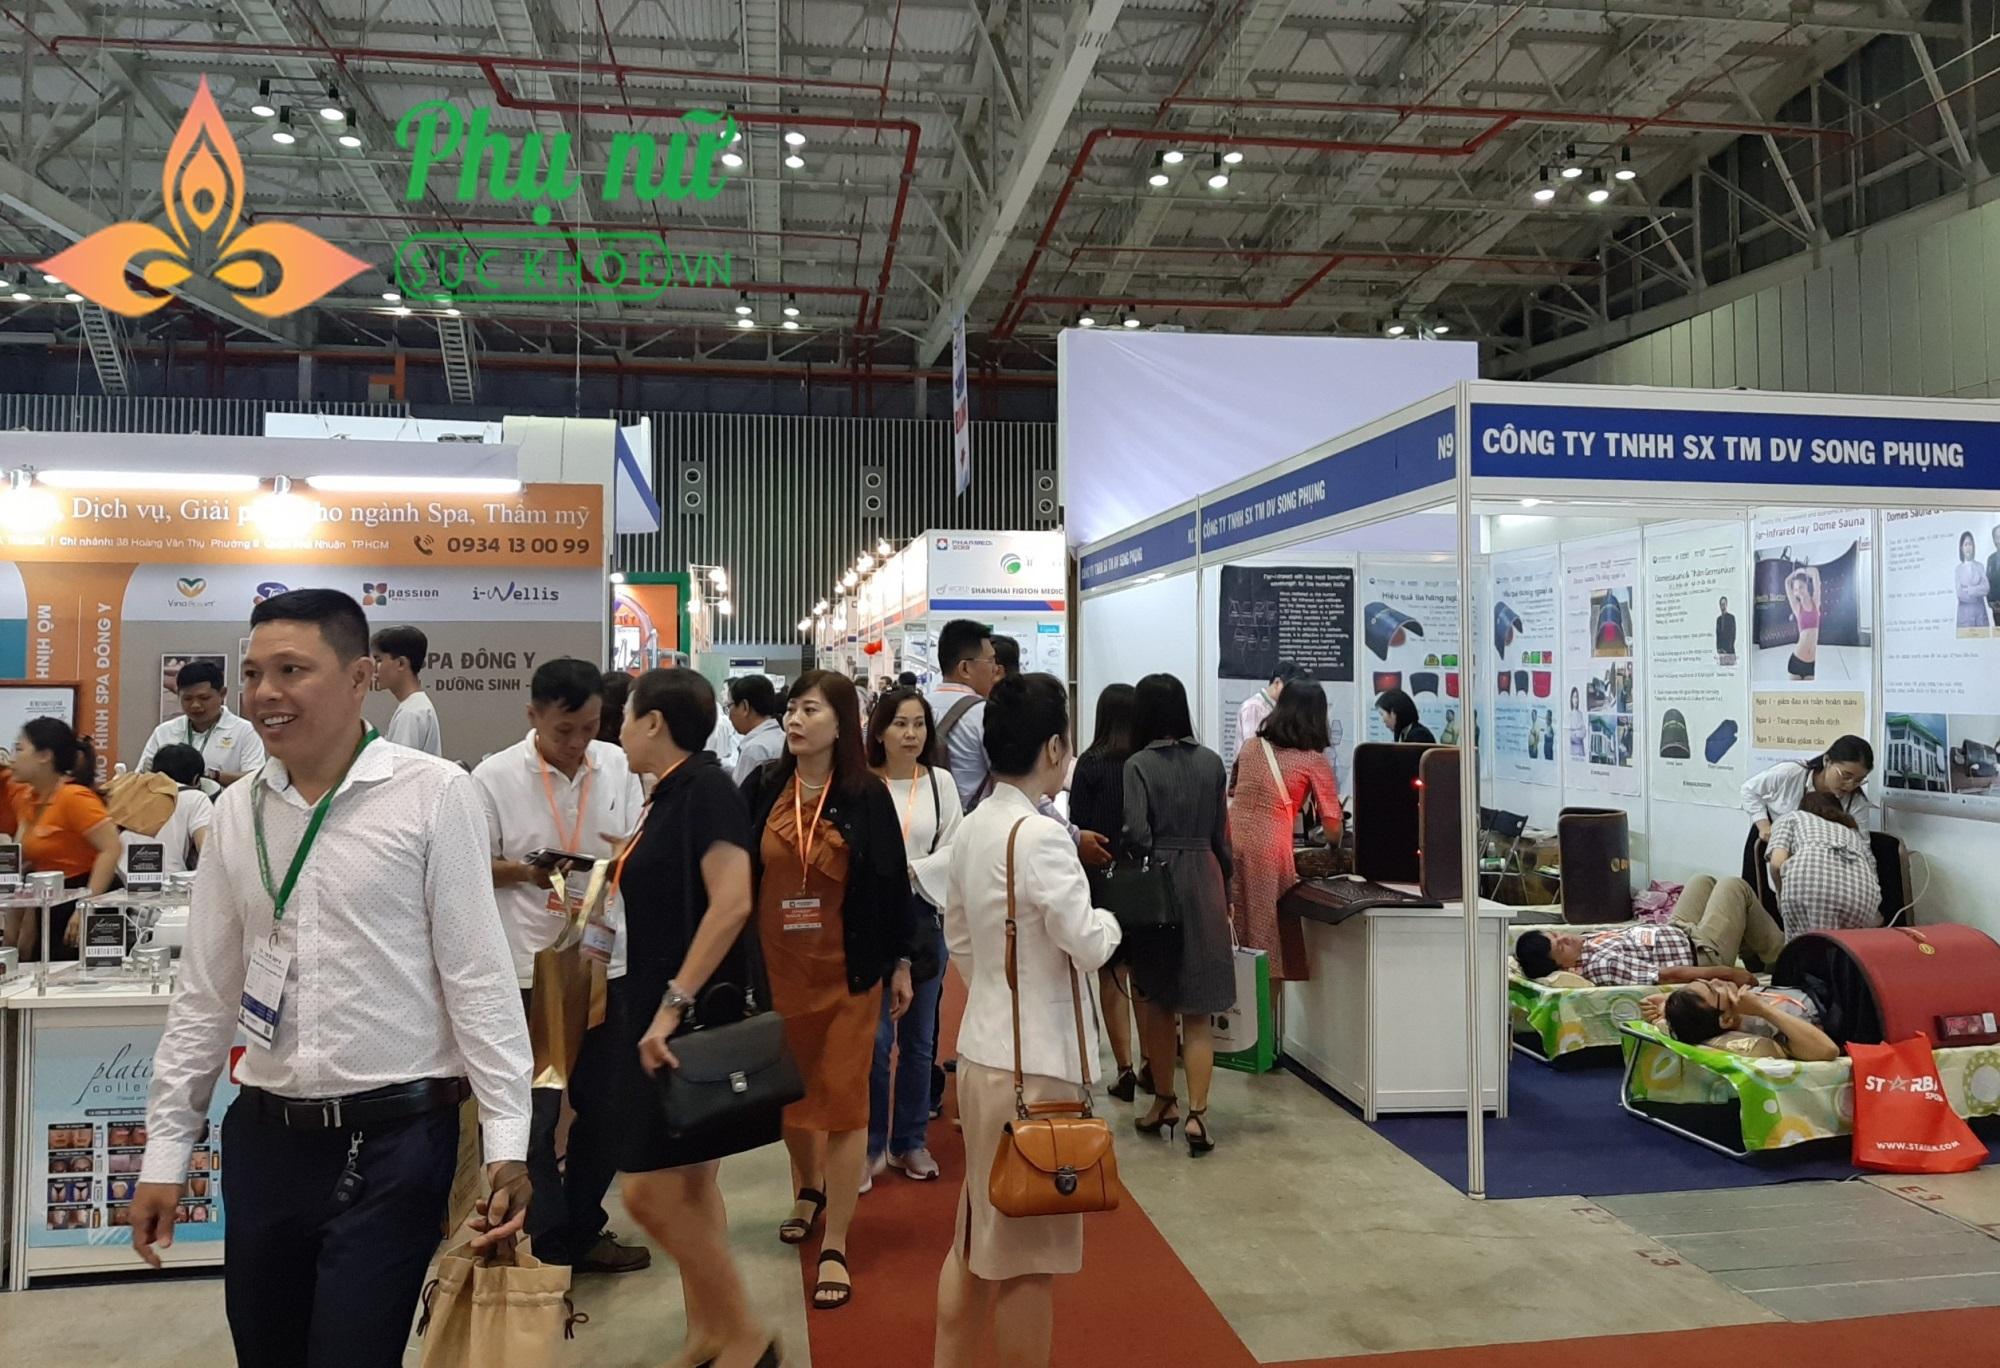 Triển lãm Y tế Quốc tế Việt Nam 2019: Cơ hội vàng giao thương giữa các doanh nghiệp  - Ảnh 3